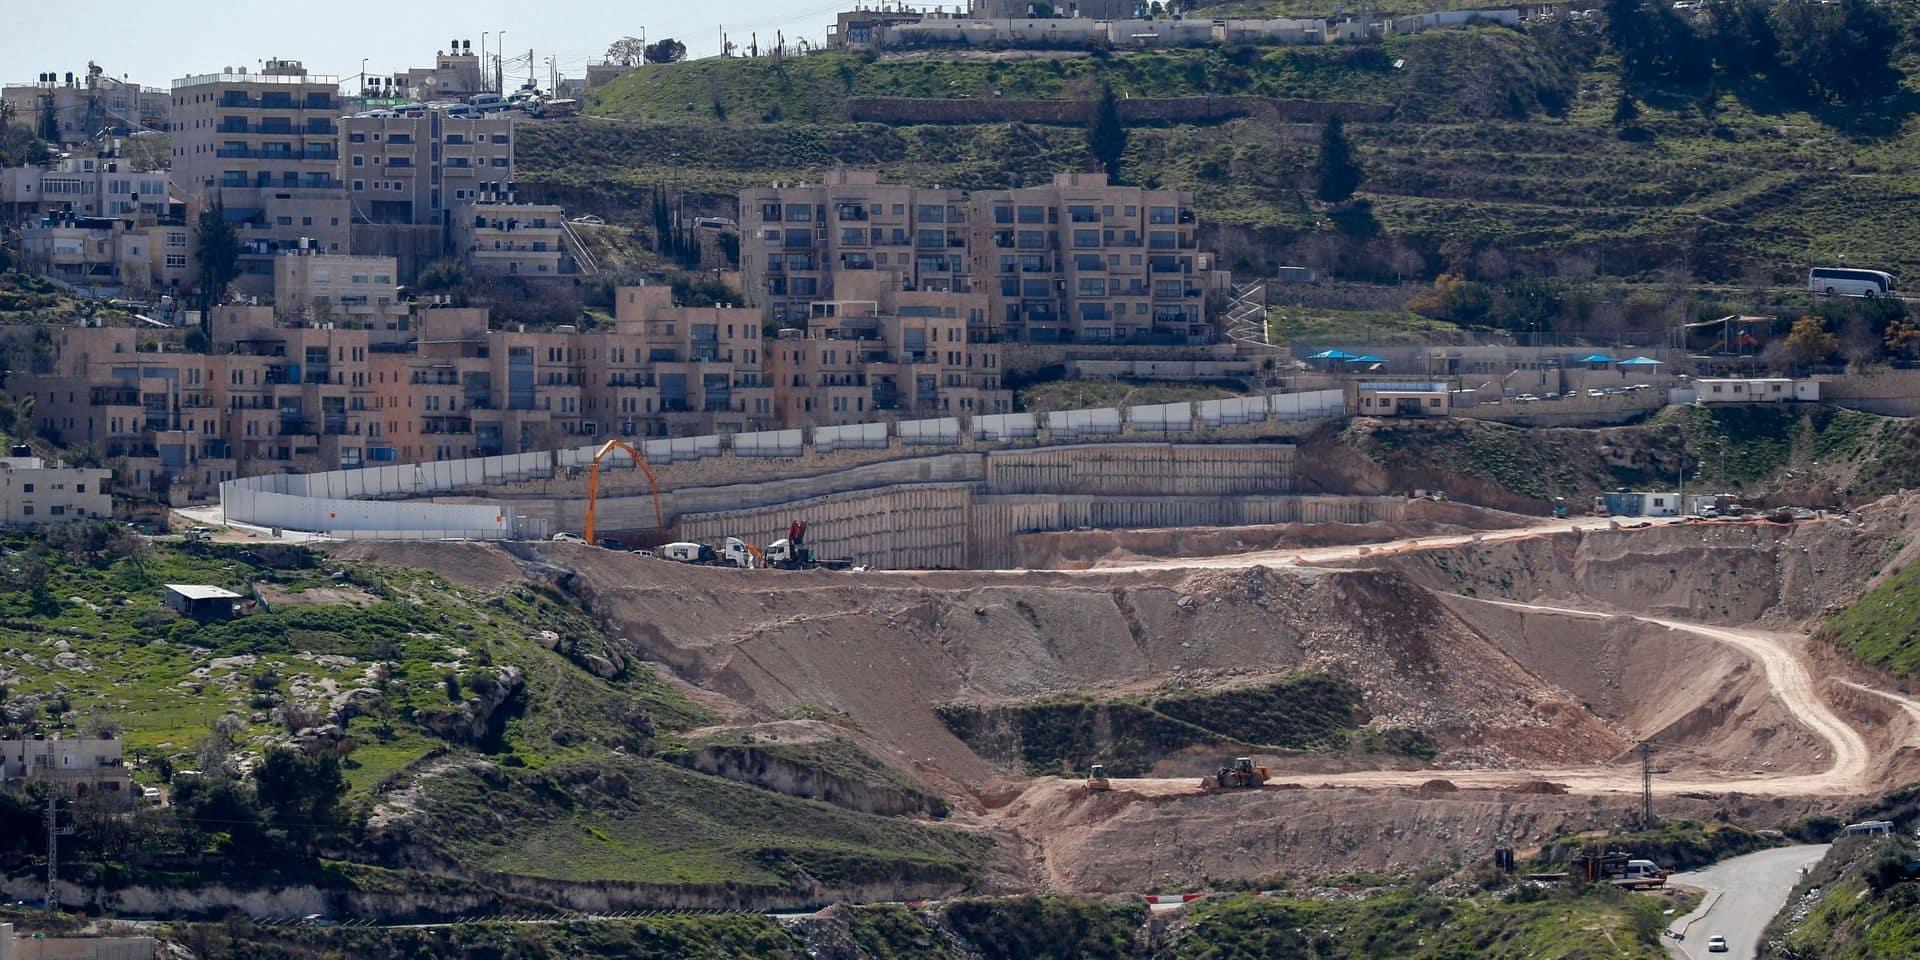 Conflit israélo-palestinien : les Européens pressent Israël de cesser d'accroître ses colonies